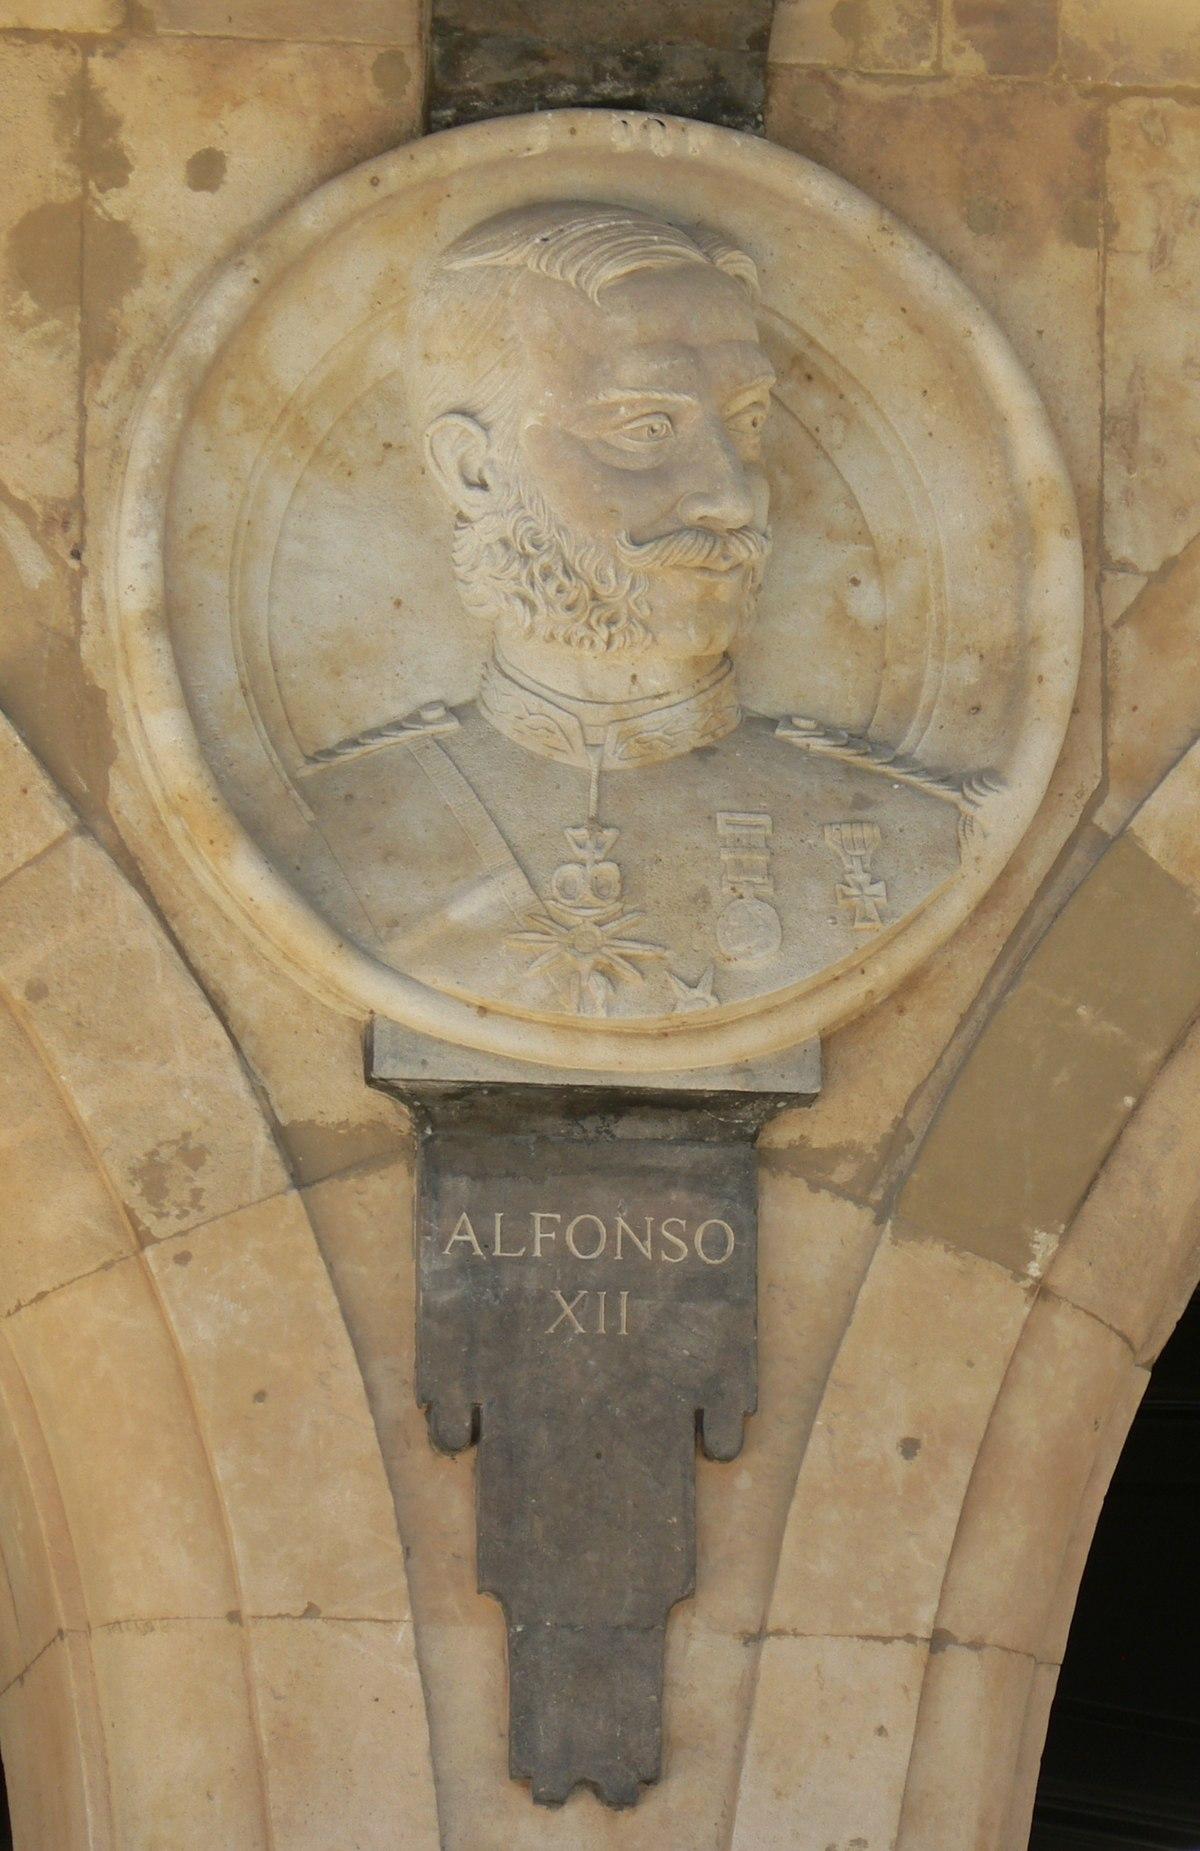 Pabellón Consistorial medallón 20 Alfonso XII.JPG